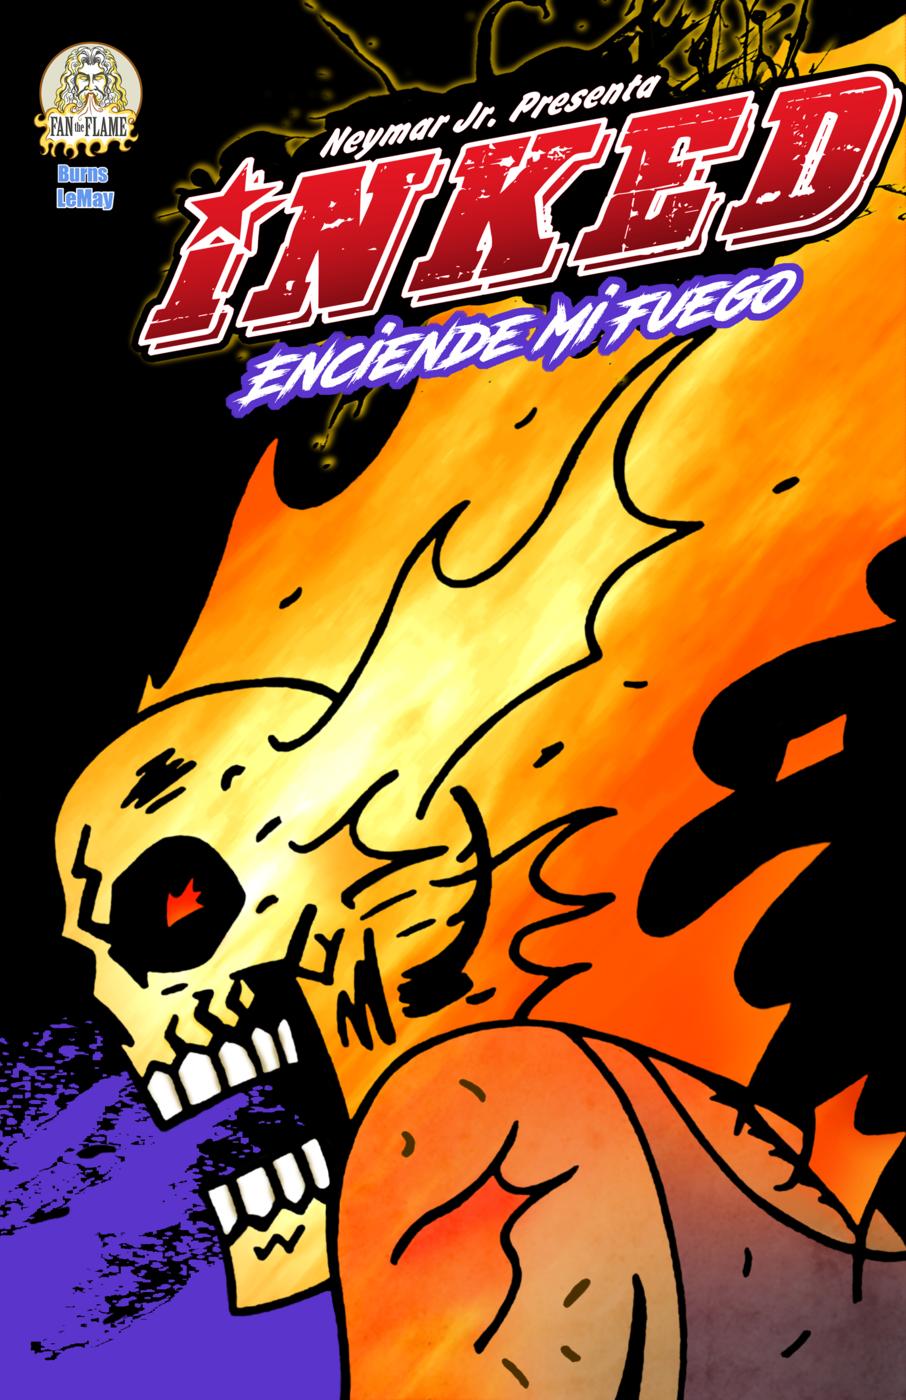 Inked: Enciende mi fuego